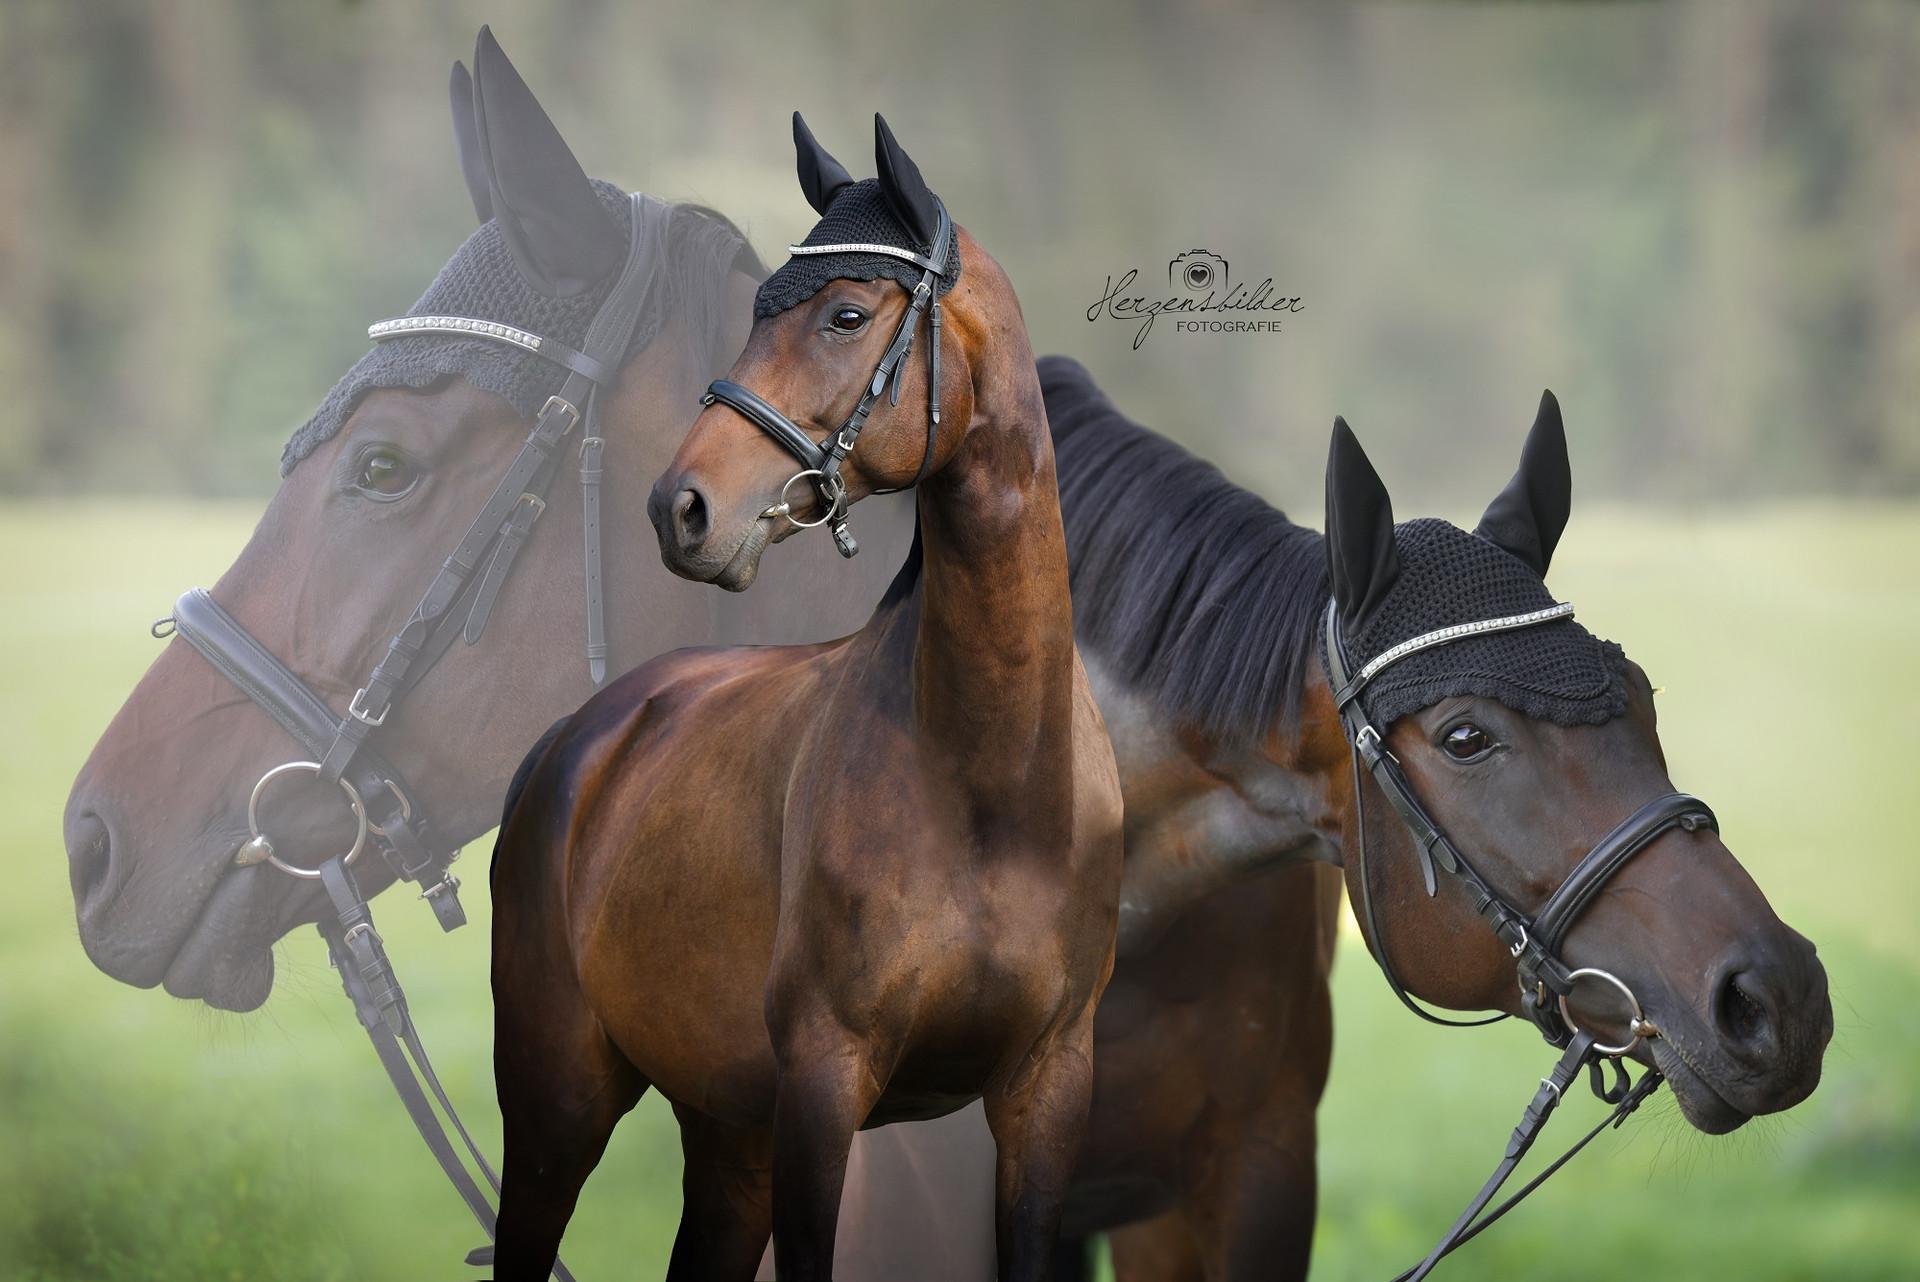 Hannoveraner Zucht Foto Fotos Pferd Halle Reitstall Paddock Offenstallhaltung Hengst Premium Trense Eskadron